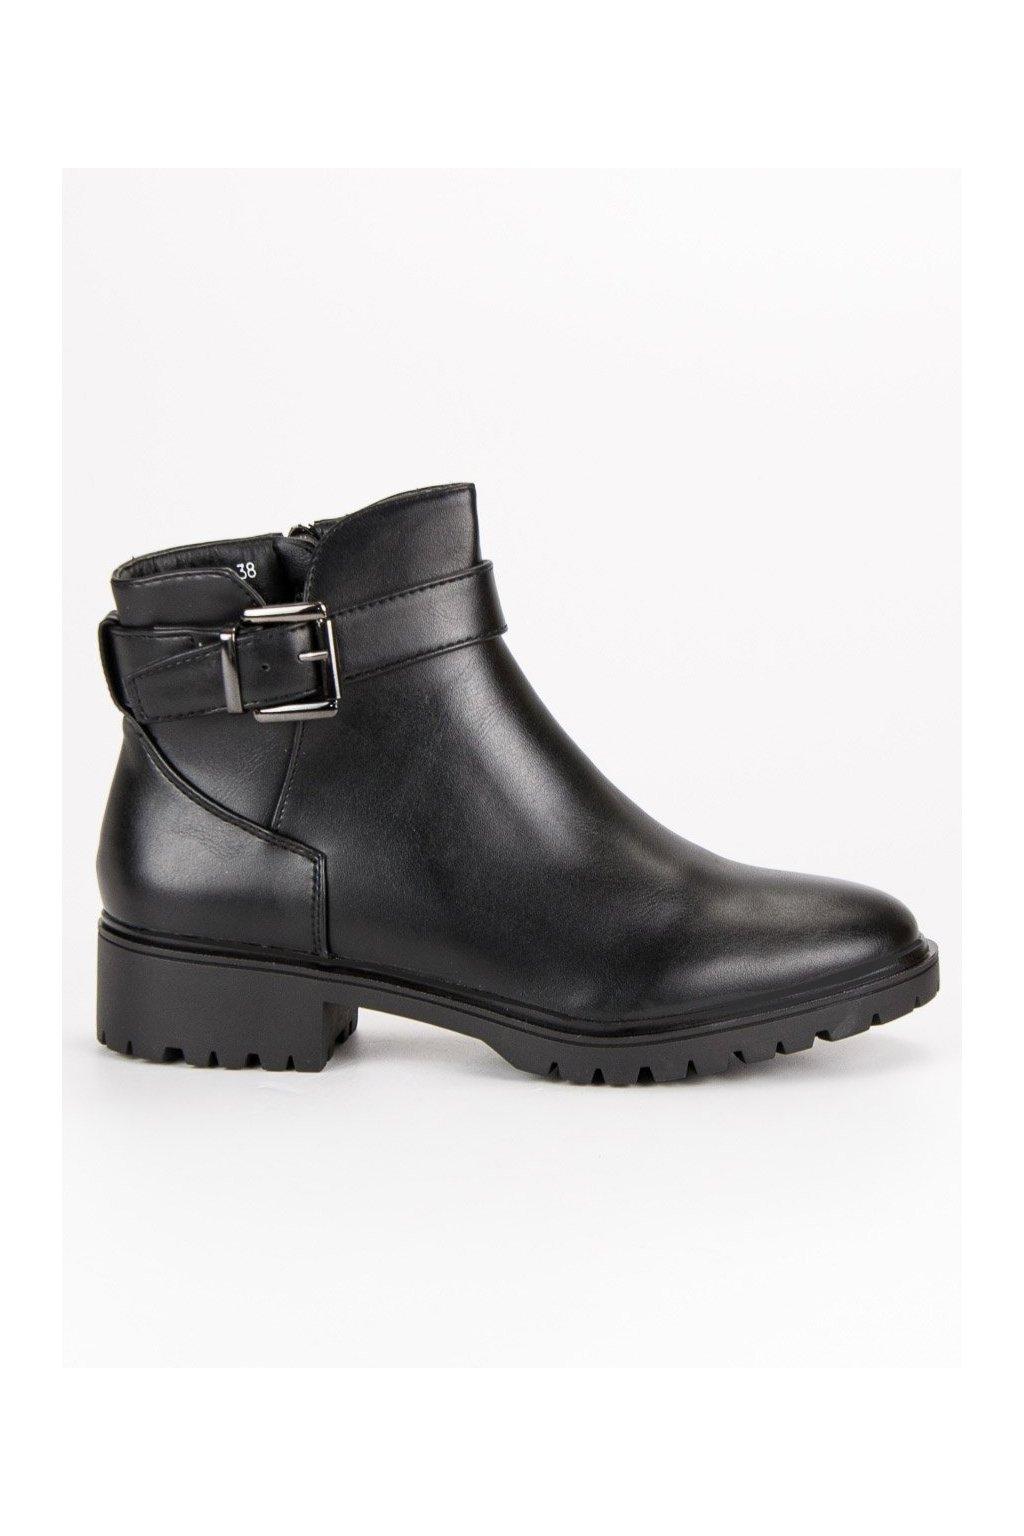 3f888685862e Čierne topánky s mašľou SDS